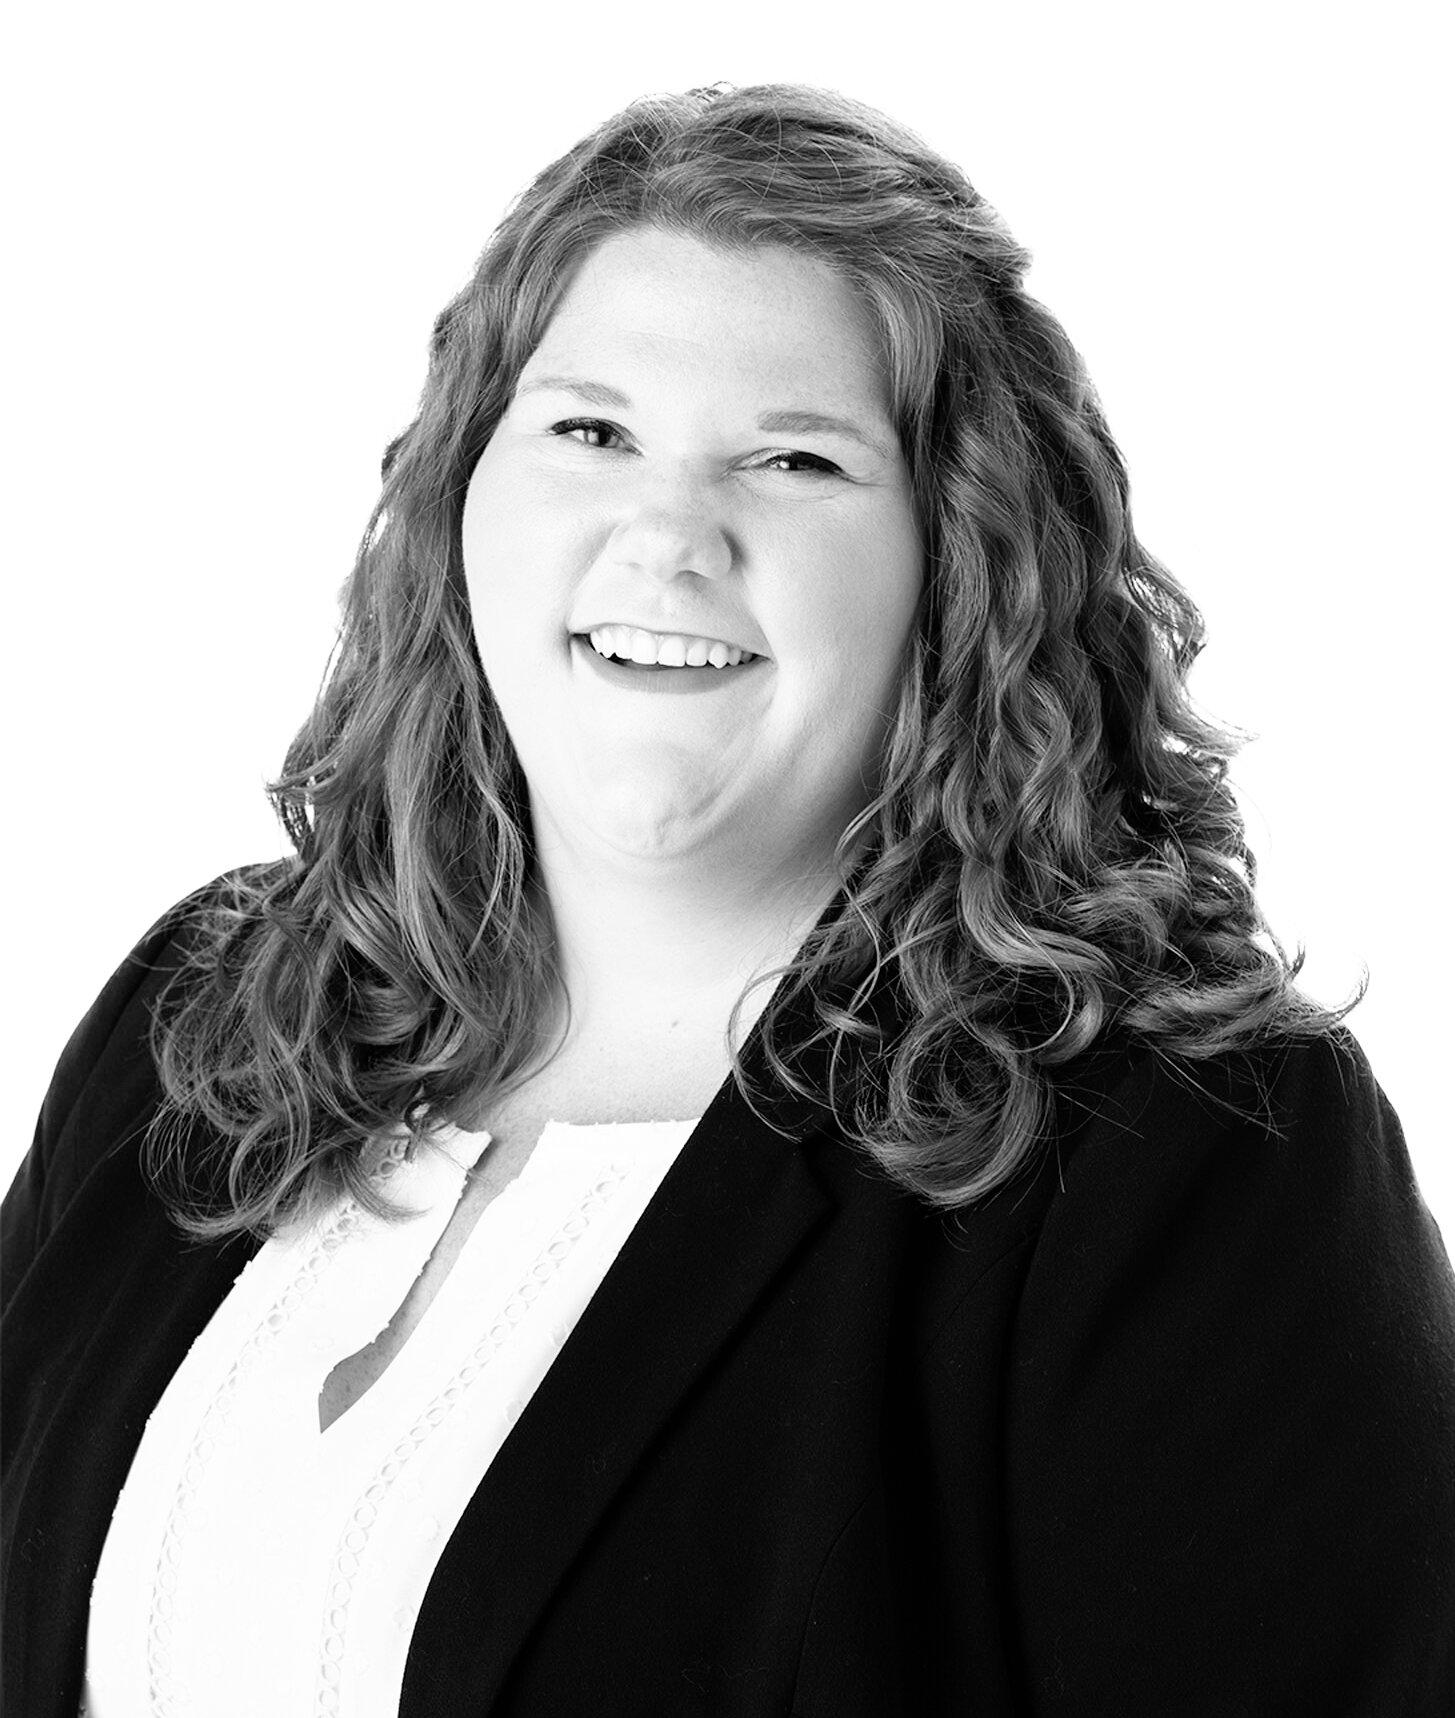 Kristen McGuire    Attorney - Estate Planning, Administration & Elder Law   Stock & Leader  717-849-4125 kmcguire@stockandleader.com  www.stockandleader.com